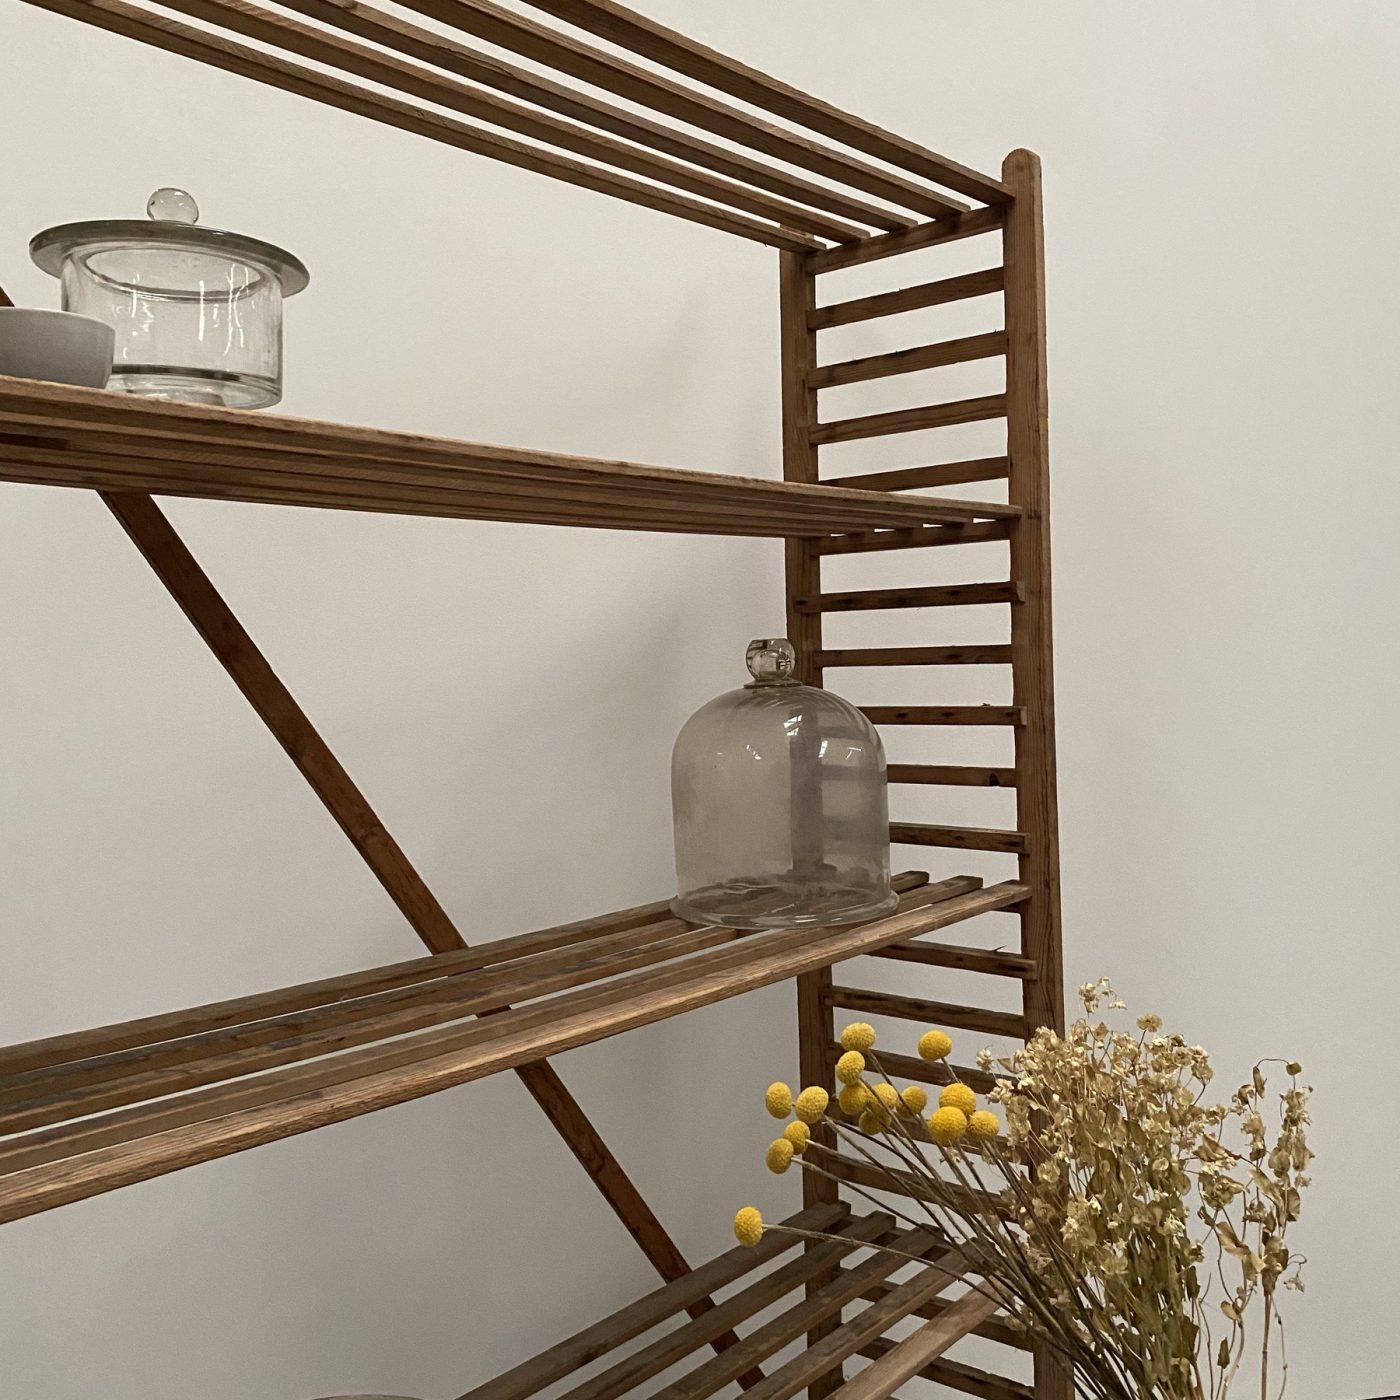 objet-vagabond-bakery-shelve0001